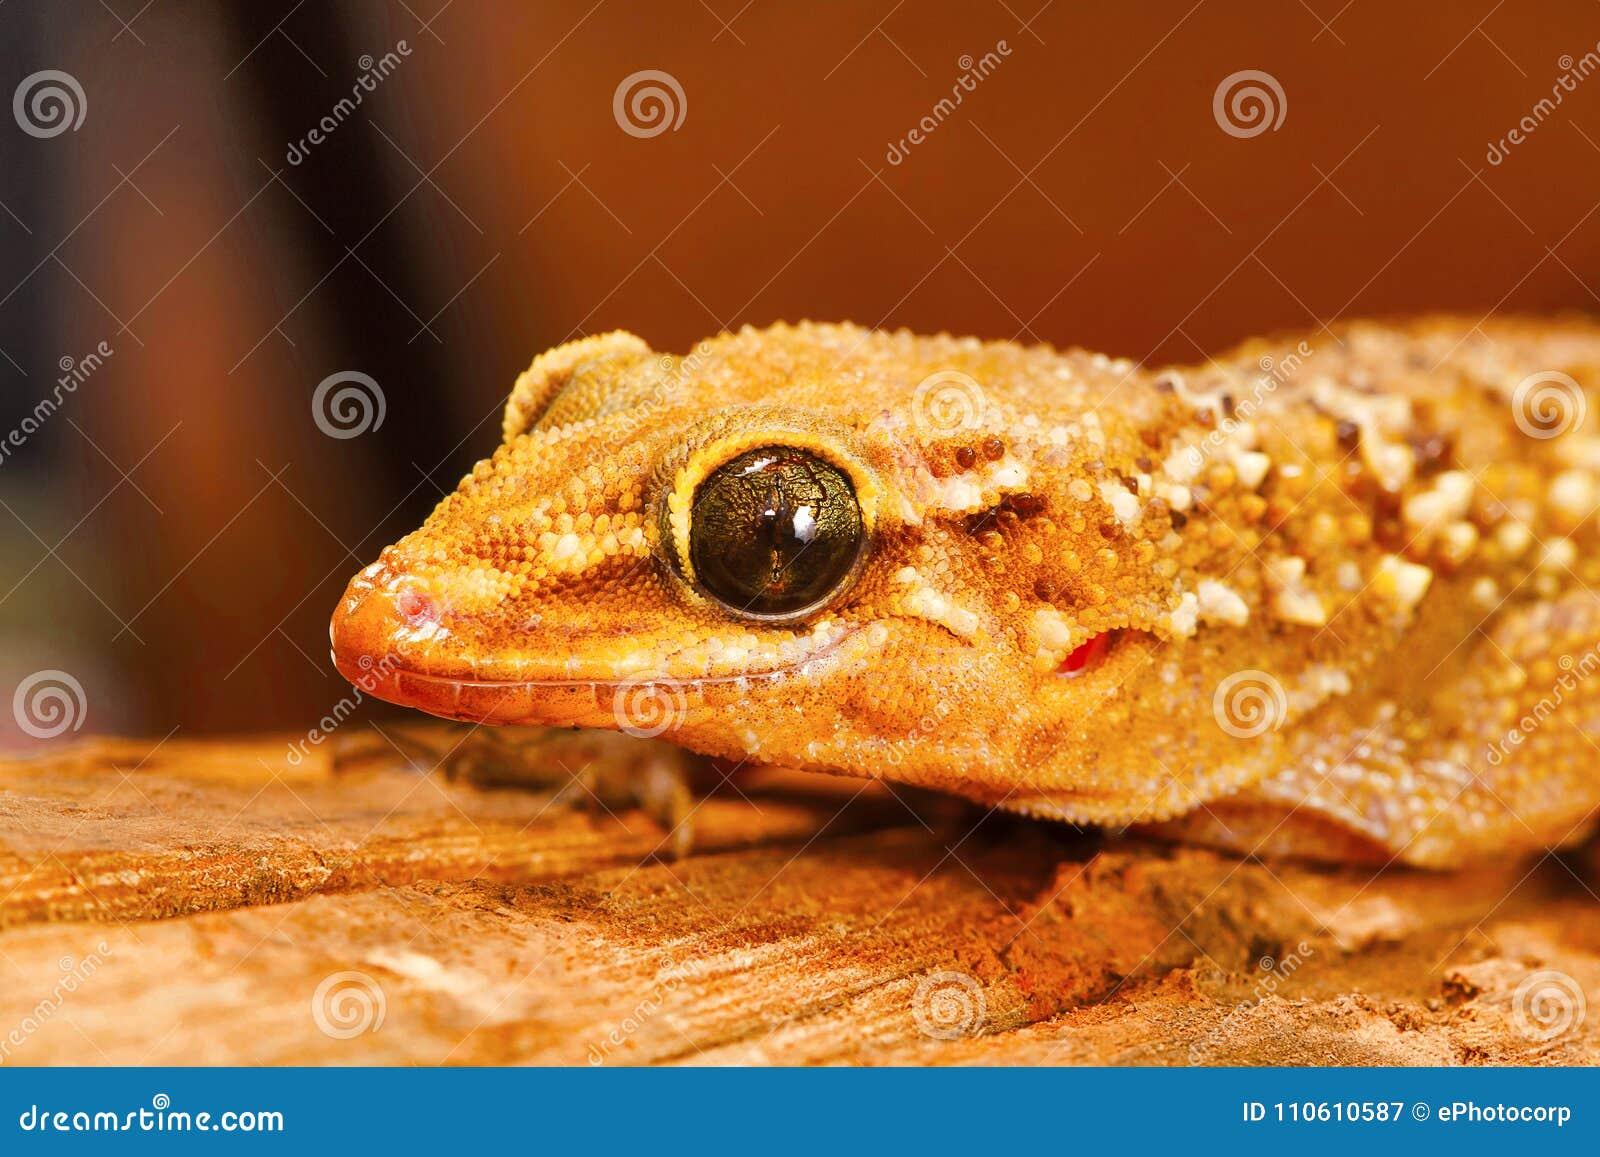 La hoja tocó con la punta del pie la salamandra, parvimaculatus de Hemidactylus, santuario de fauna de Bhoramdeo, Chhattisgarh